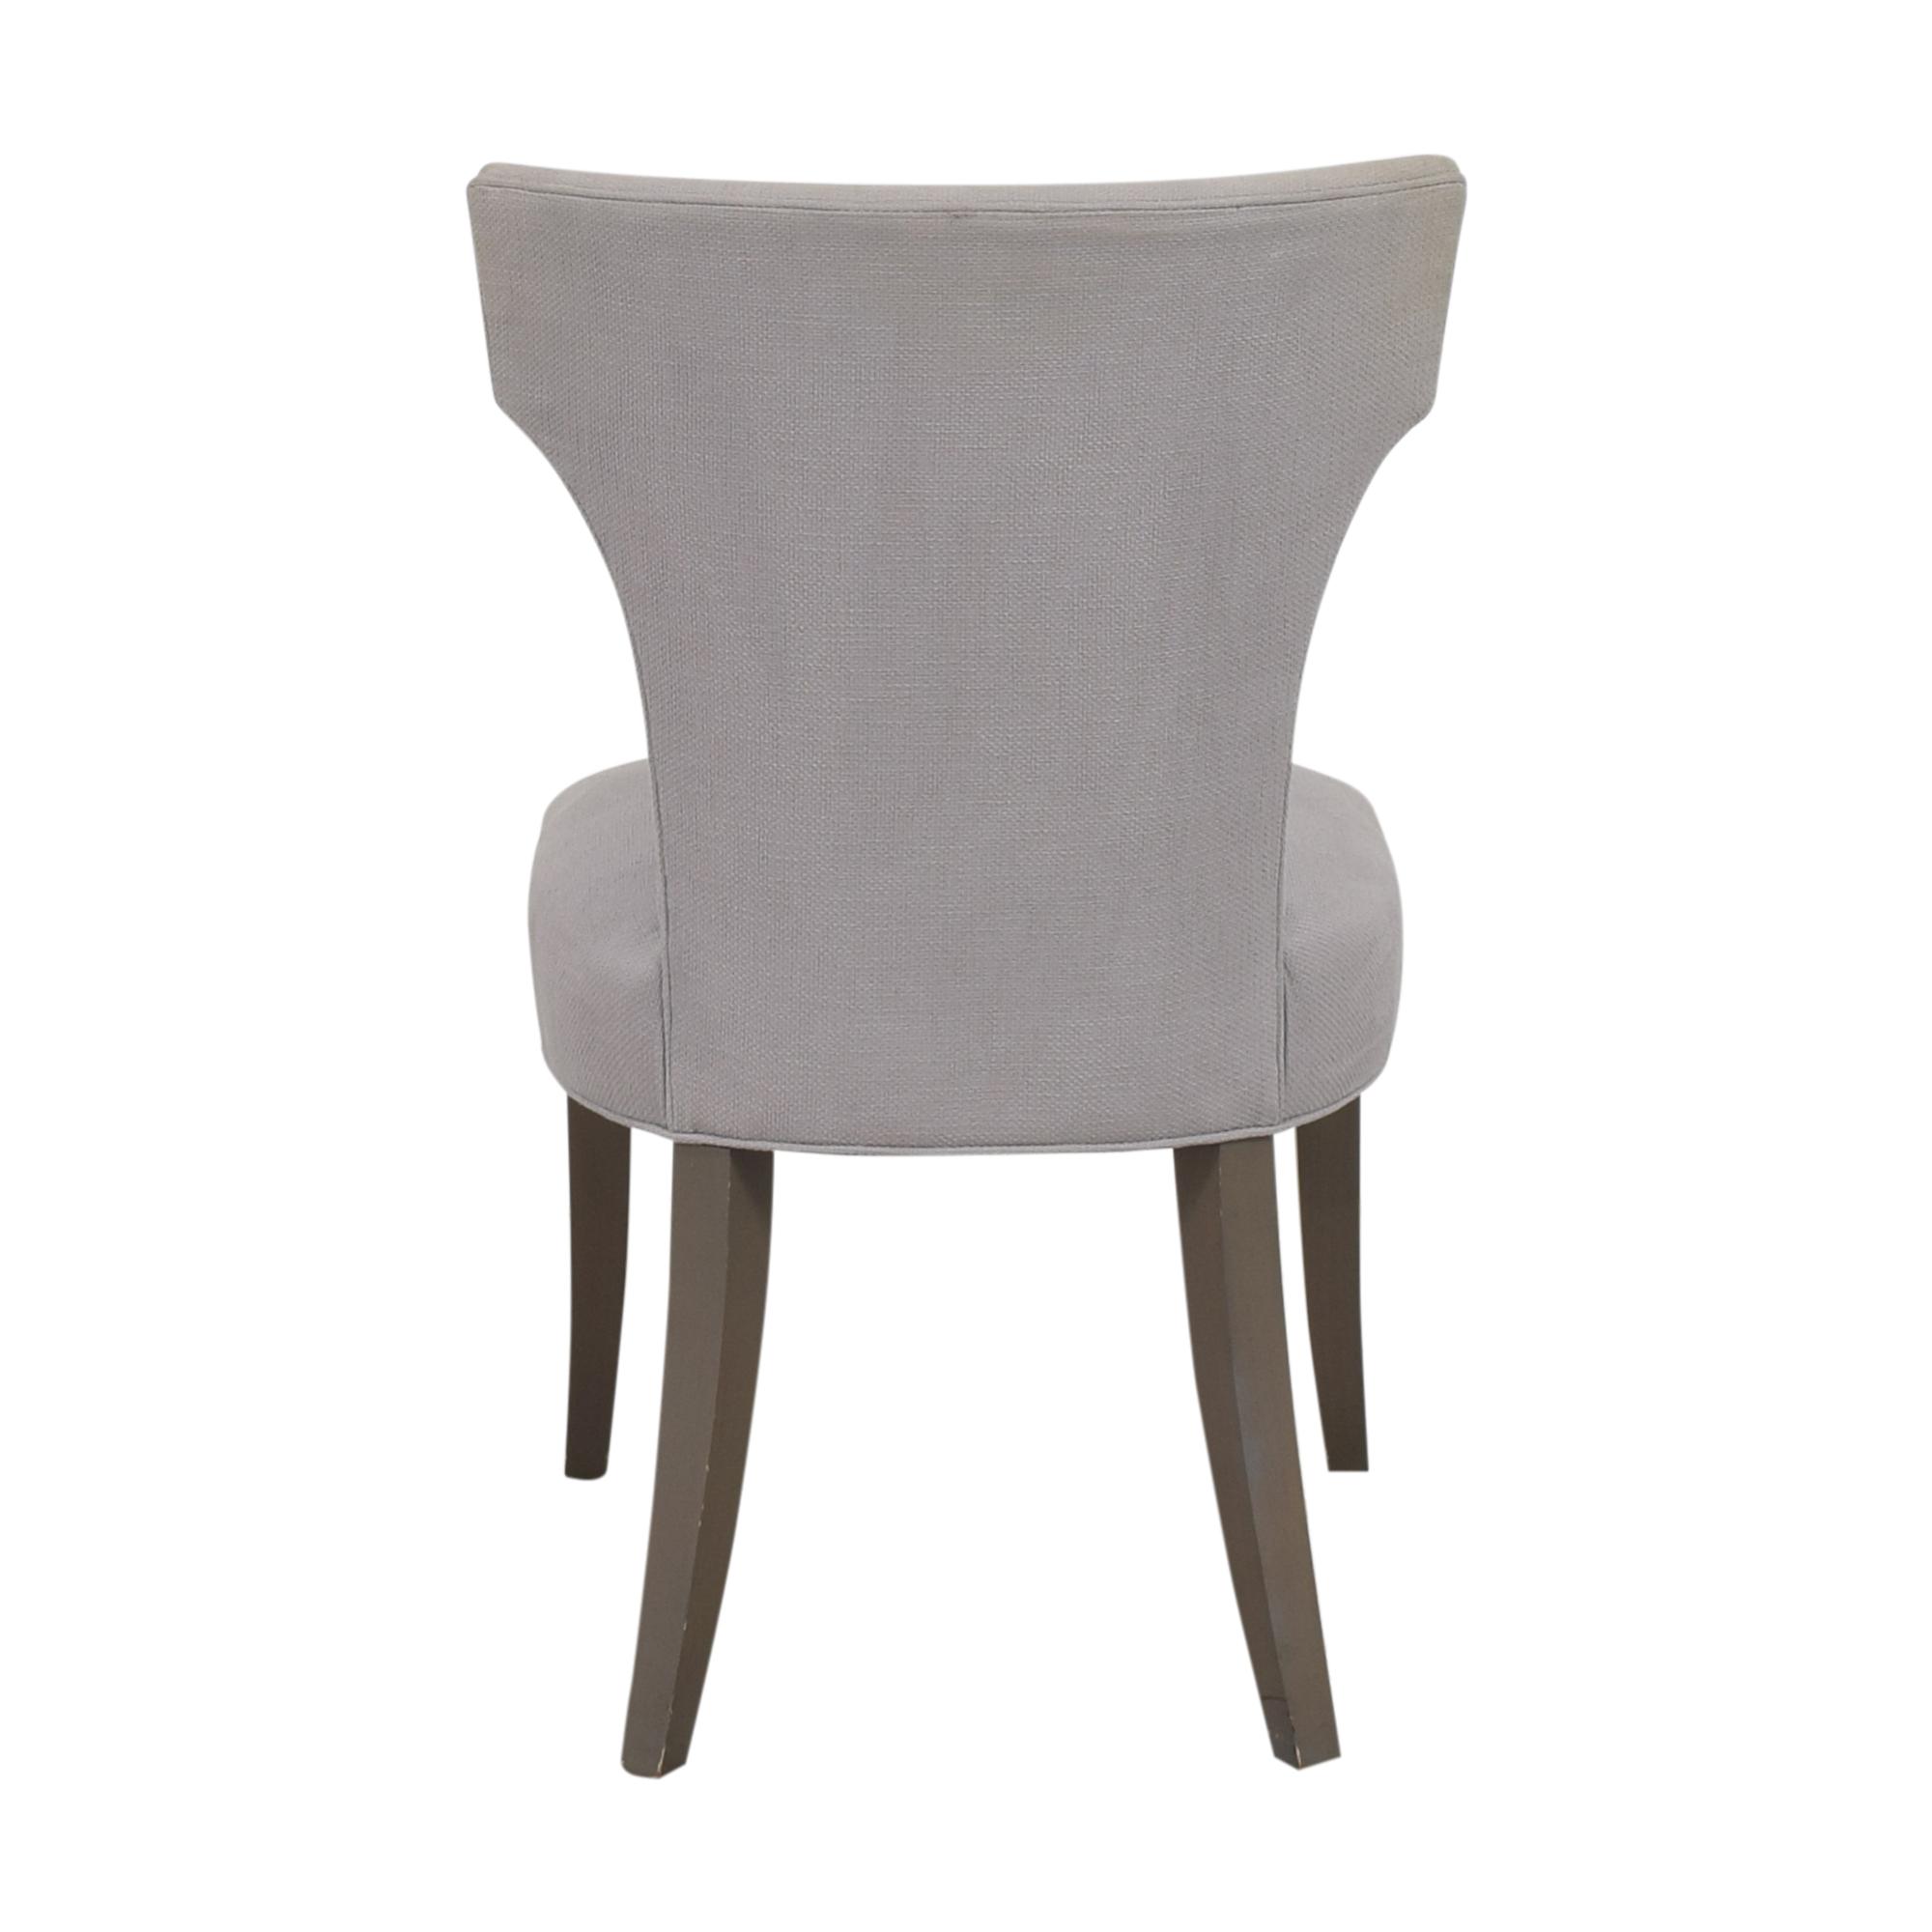 buy Crate & Barrel Sasha Upholstered Dining Side Chair Crate & Barrel Dining Chairs